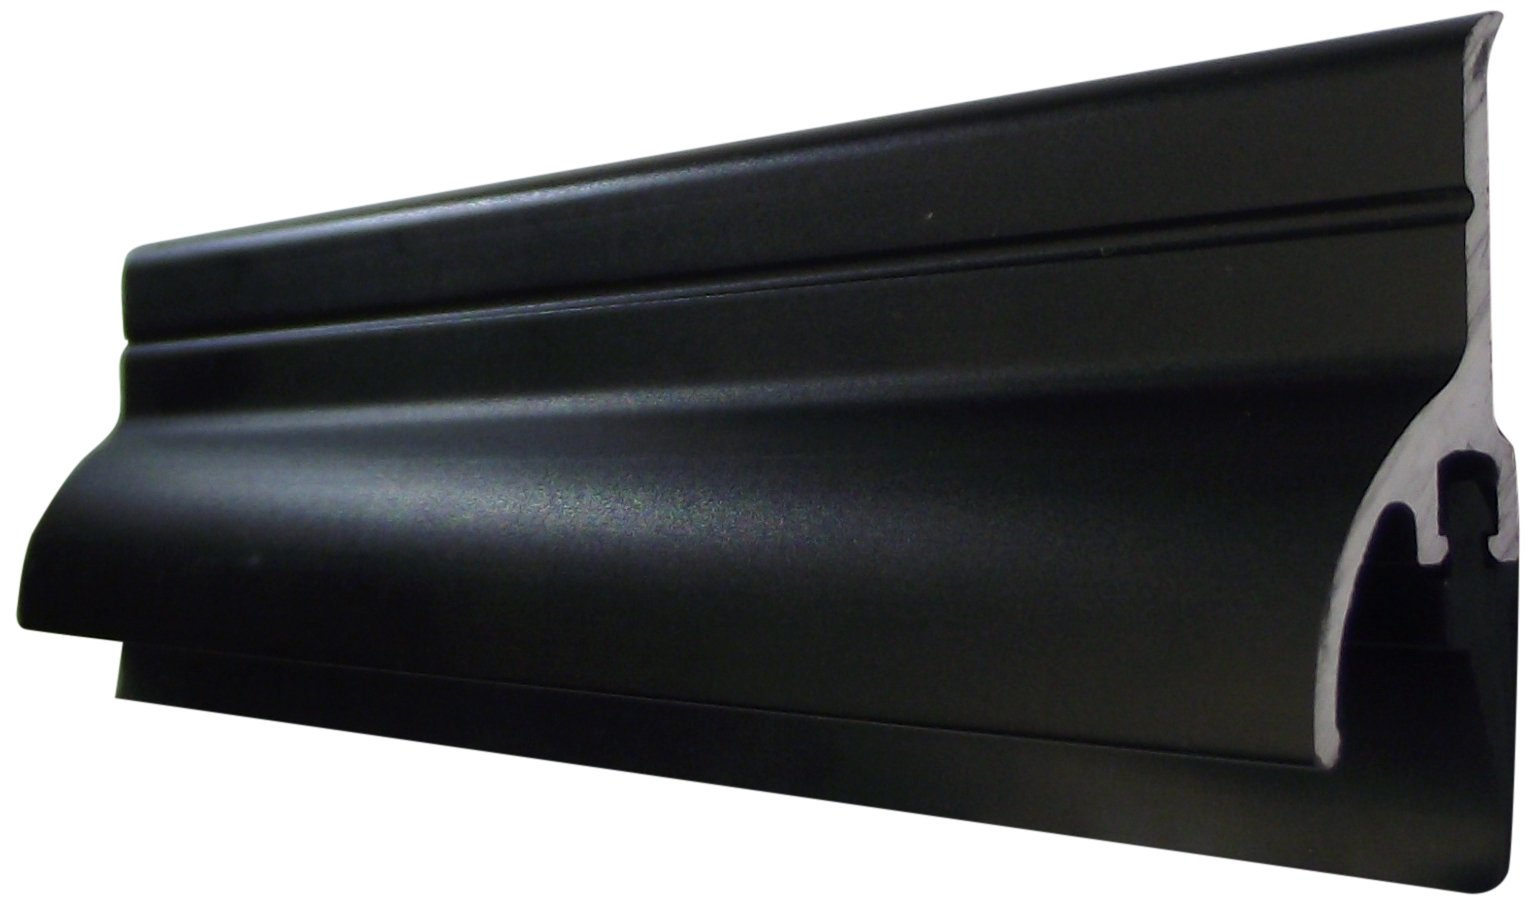 Pemko 085654 345DV36 Door Bottom Sweep, Dark Bronze Finish, 1.5'' Width, 36'' Length, Dark Bronze by Pemko